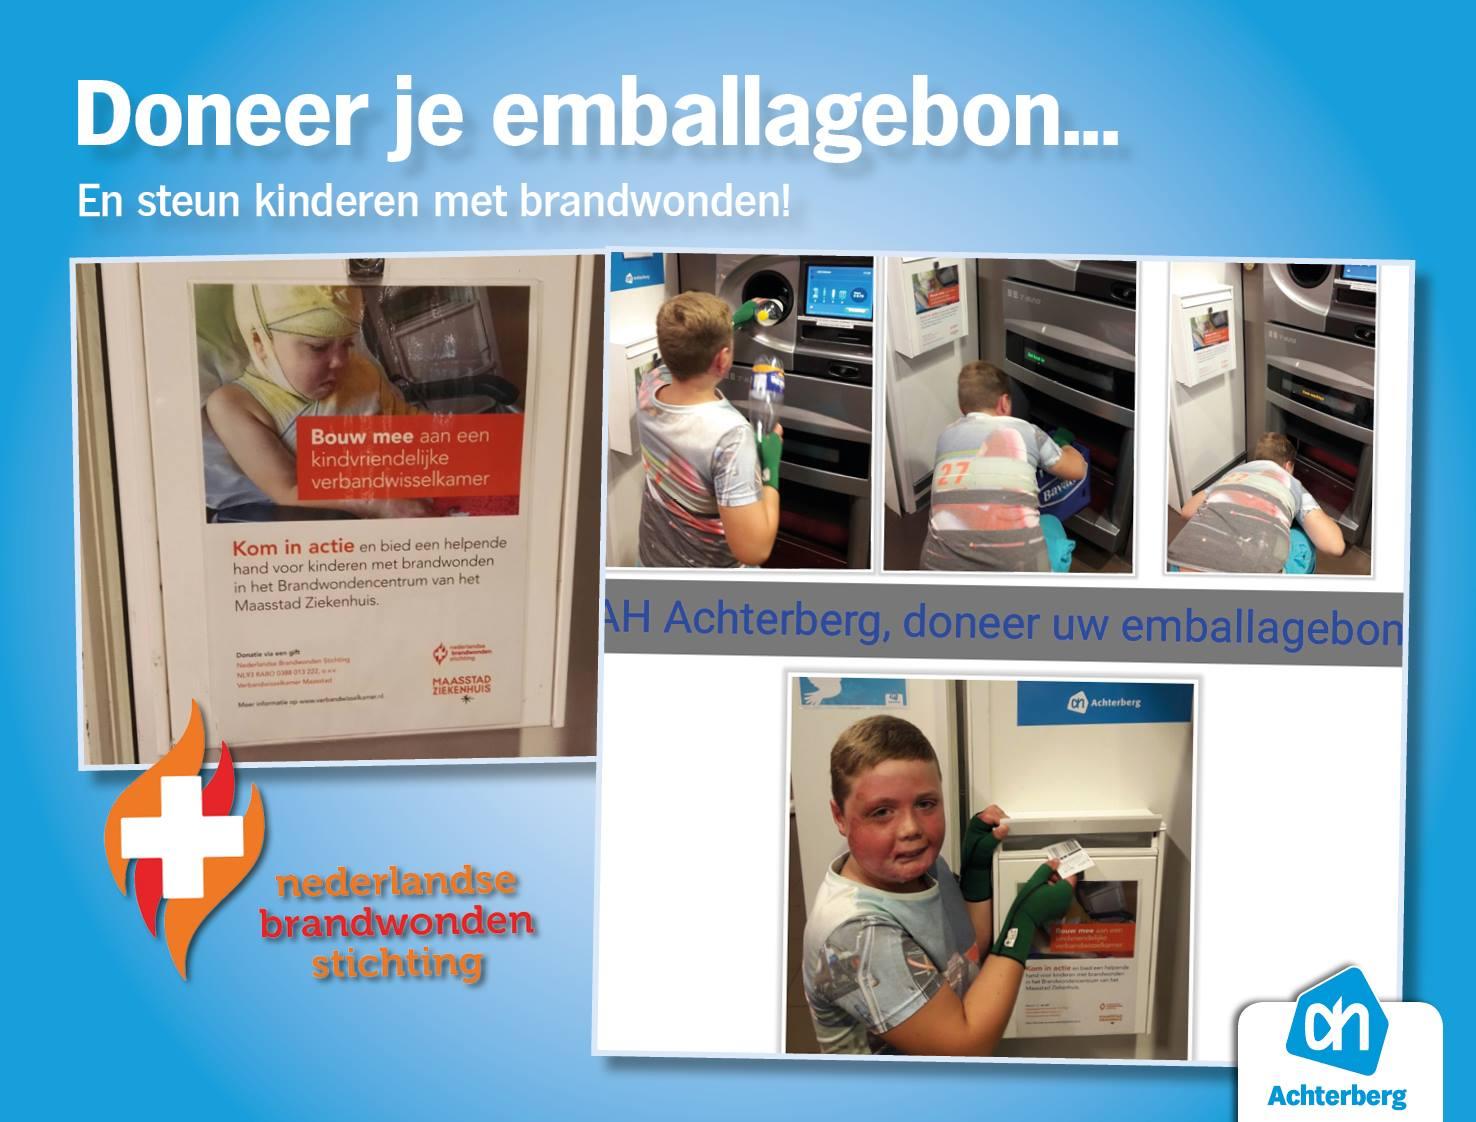 Doneer je emballagebon en steun kinderen met brandwonden!